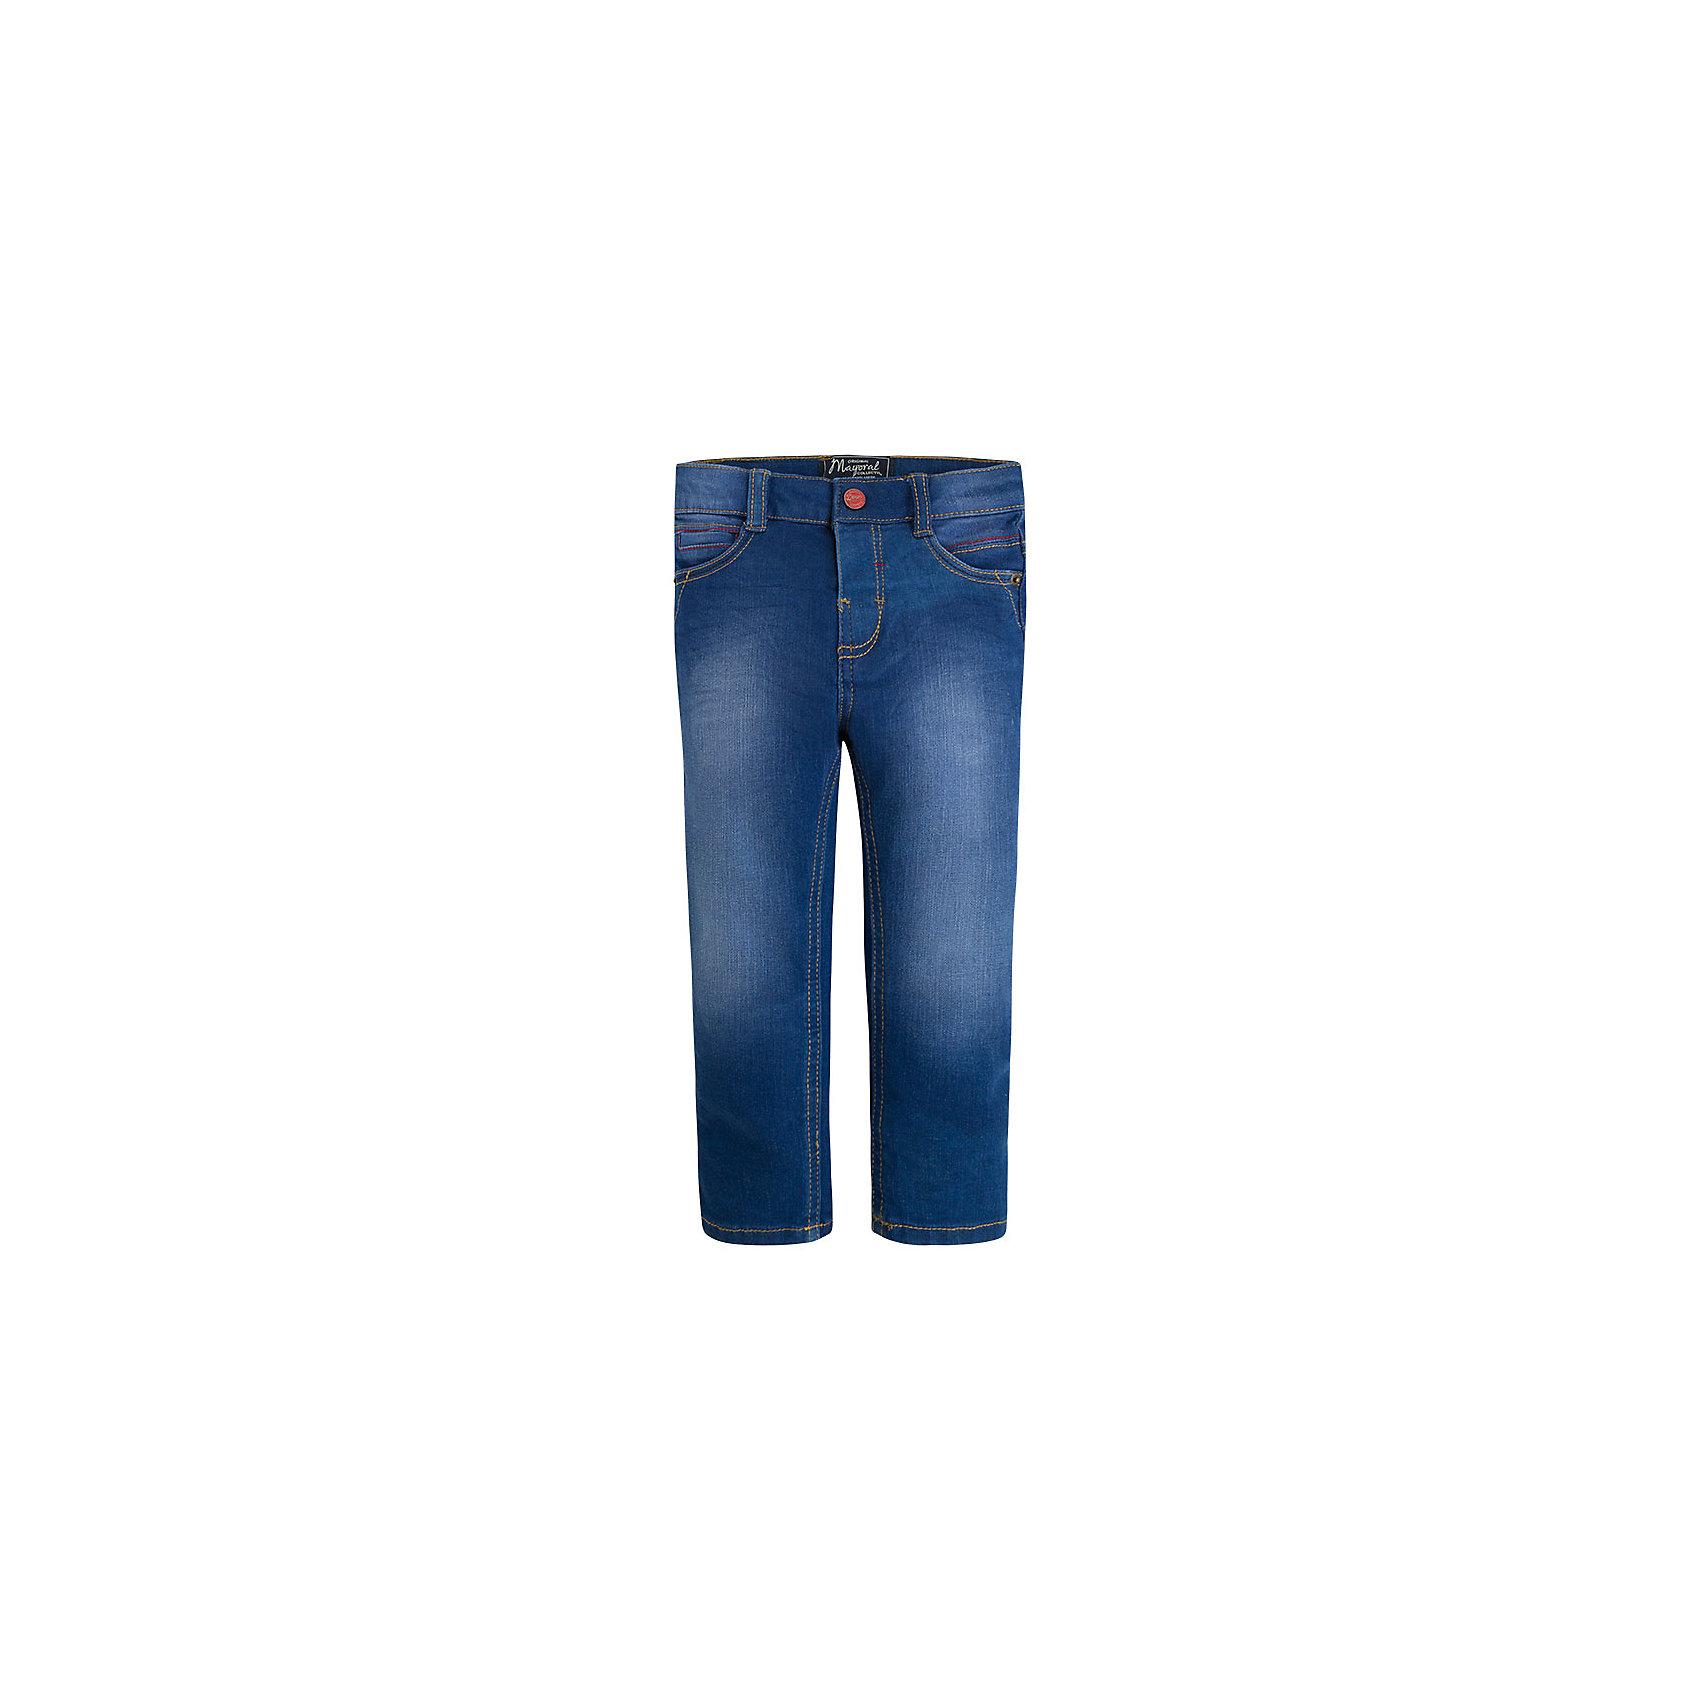 Джинсы для мальчика MayoralДжинсы для мальчика от известной испанской марки Mayoral <br><br>Стильный джинсы классического кроя от Mayoral. Они прекрасно сочетаются с разными вещами. Пояс регулируется с помощью резинки. Модель выполнена из качественных материалов, отлично сидит по фигуре.<br><br>Особенности модели:<br><br>- цвет: синий;<br>- крой брючин: прямой;<br>- наличие карманов;<br>- шлевки для ремня;<br>- потертости;<br>- внутренние резинки для регулировки пояса.<br><br>Дополнительная информация:<br><br>Состав: 83% хлопок, 15% полиэстер, 2% эластан<br><br>Брюки для мальчика Mayoral (Майорал) можно купить в нашем магазине.<br><br>Ширина мм: 215<br>Глубина мм: 88<br>Высота мм: 191<br>Вес г: 336<br>Цвет: голубой<br>Возраст от месяцев: 24<br>Возраст до месяцев: 36<br>Пол: Мужской<br>Возраст: Детский<br>Размер: 98,134,128,116,110,104,122<br>SKU: 4542563